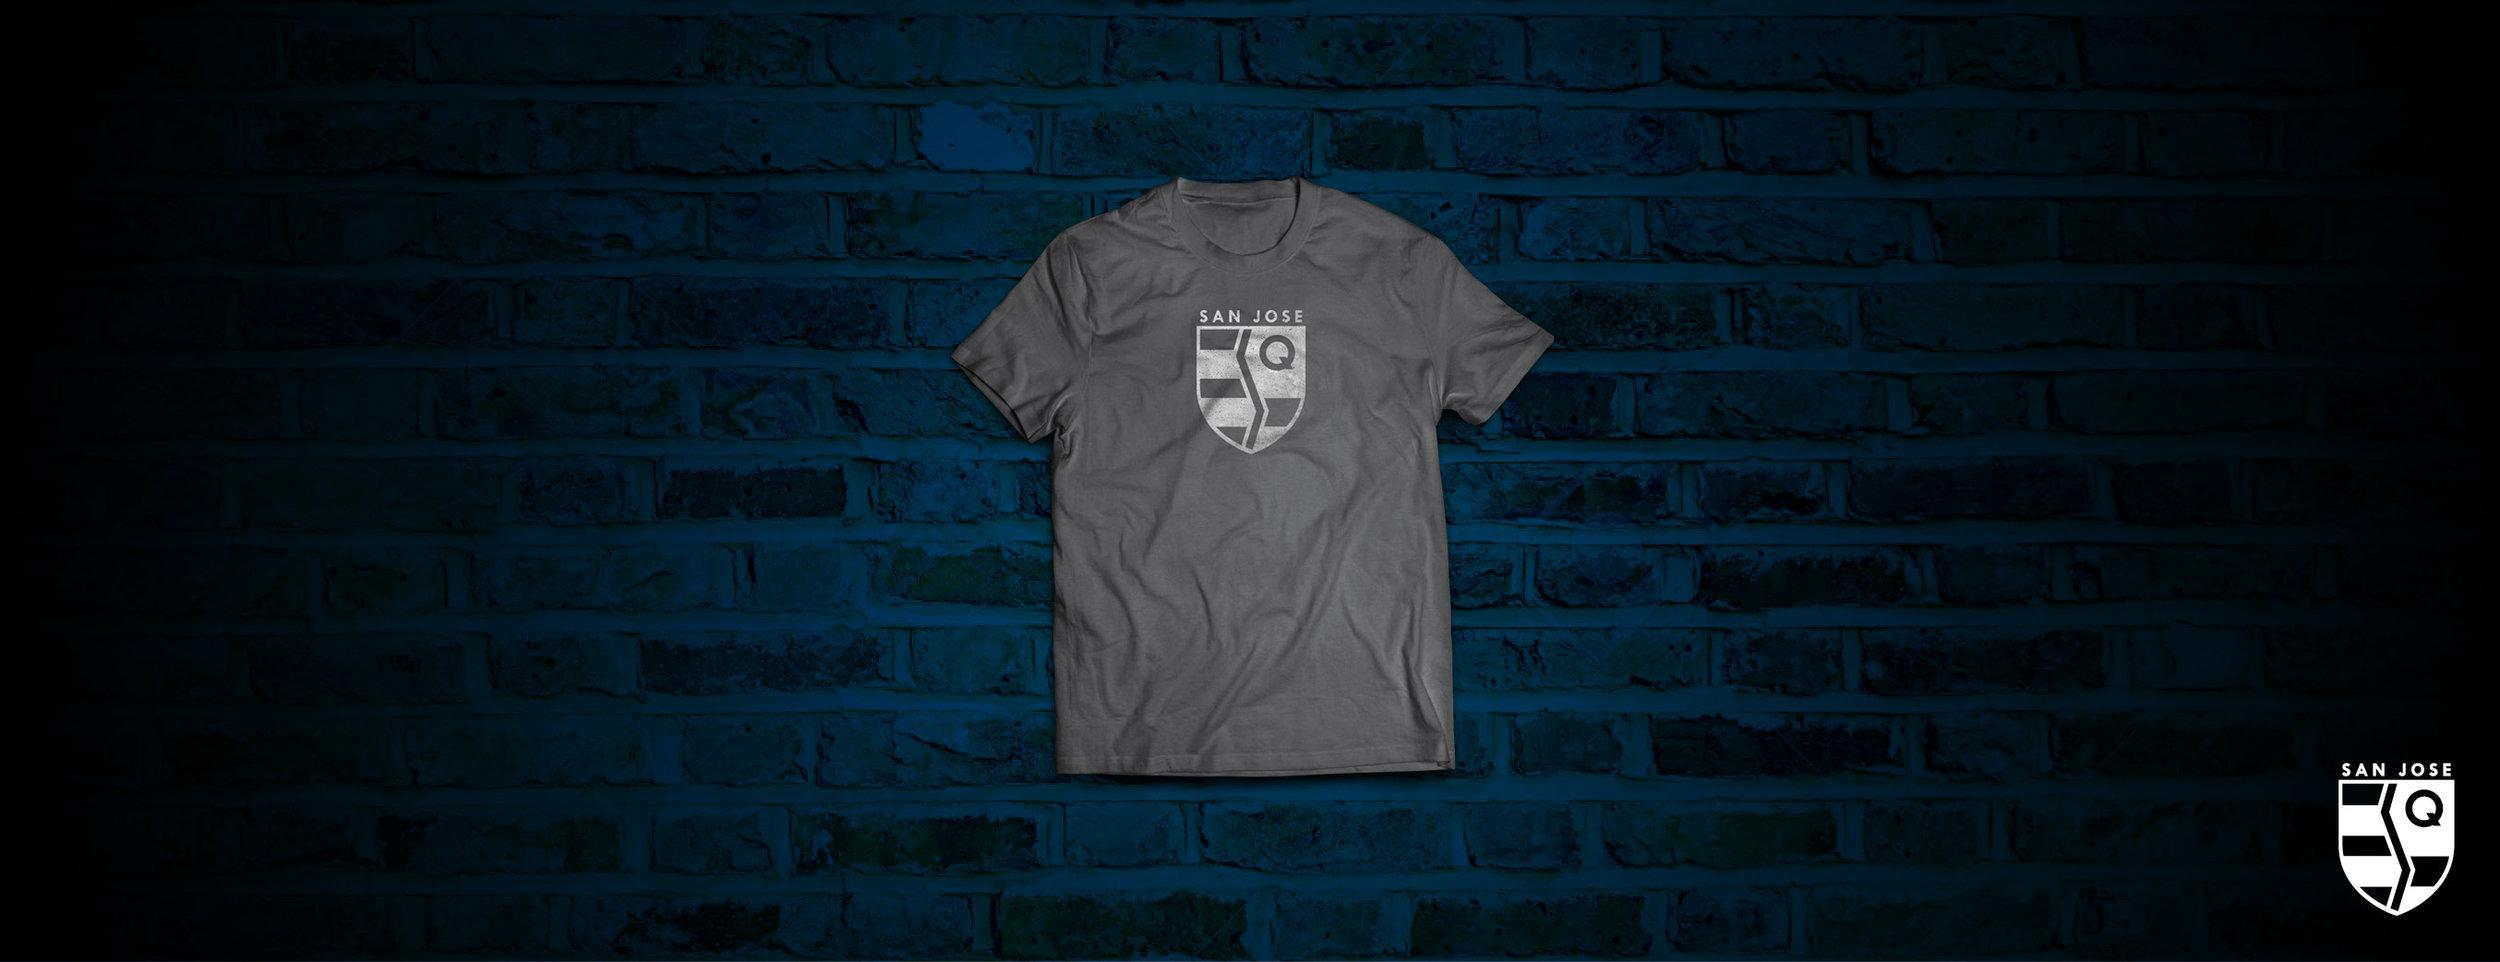 San Jose - Rebrand8.jpg